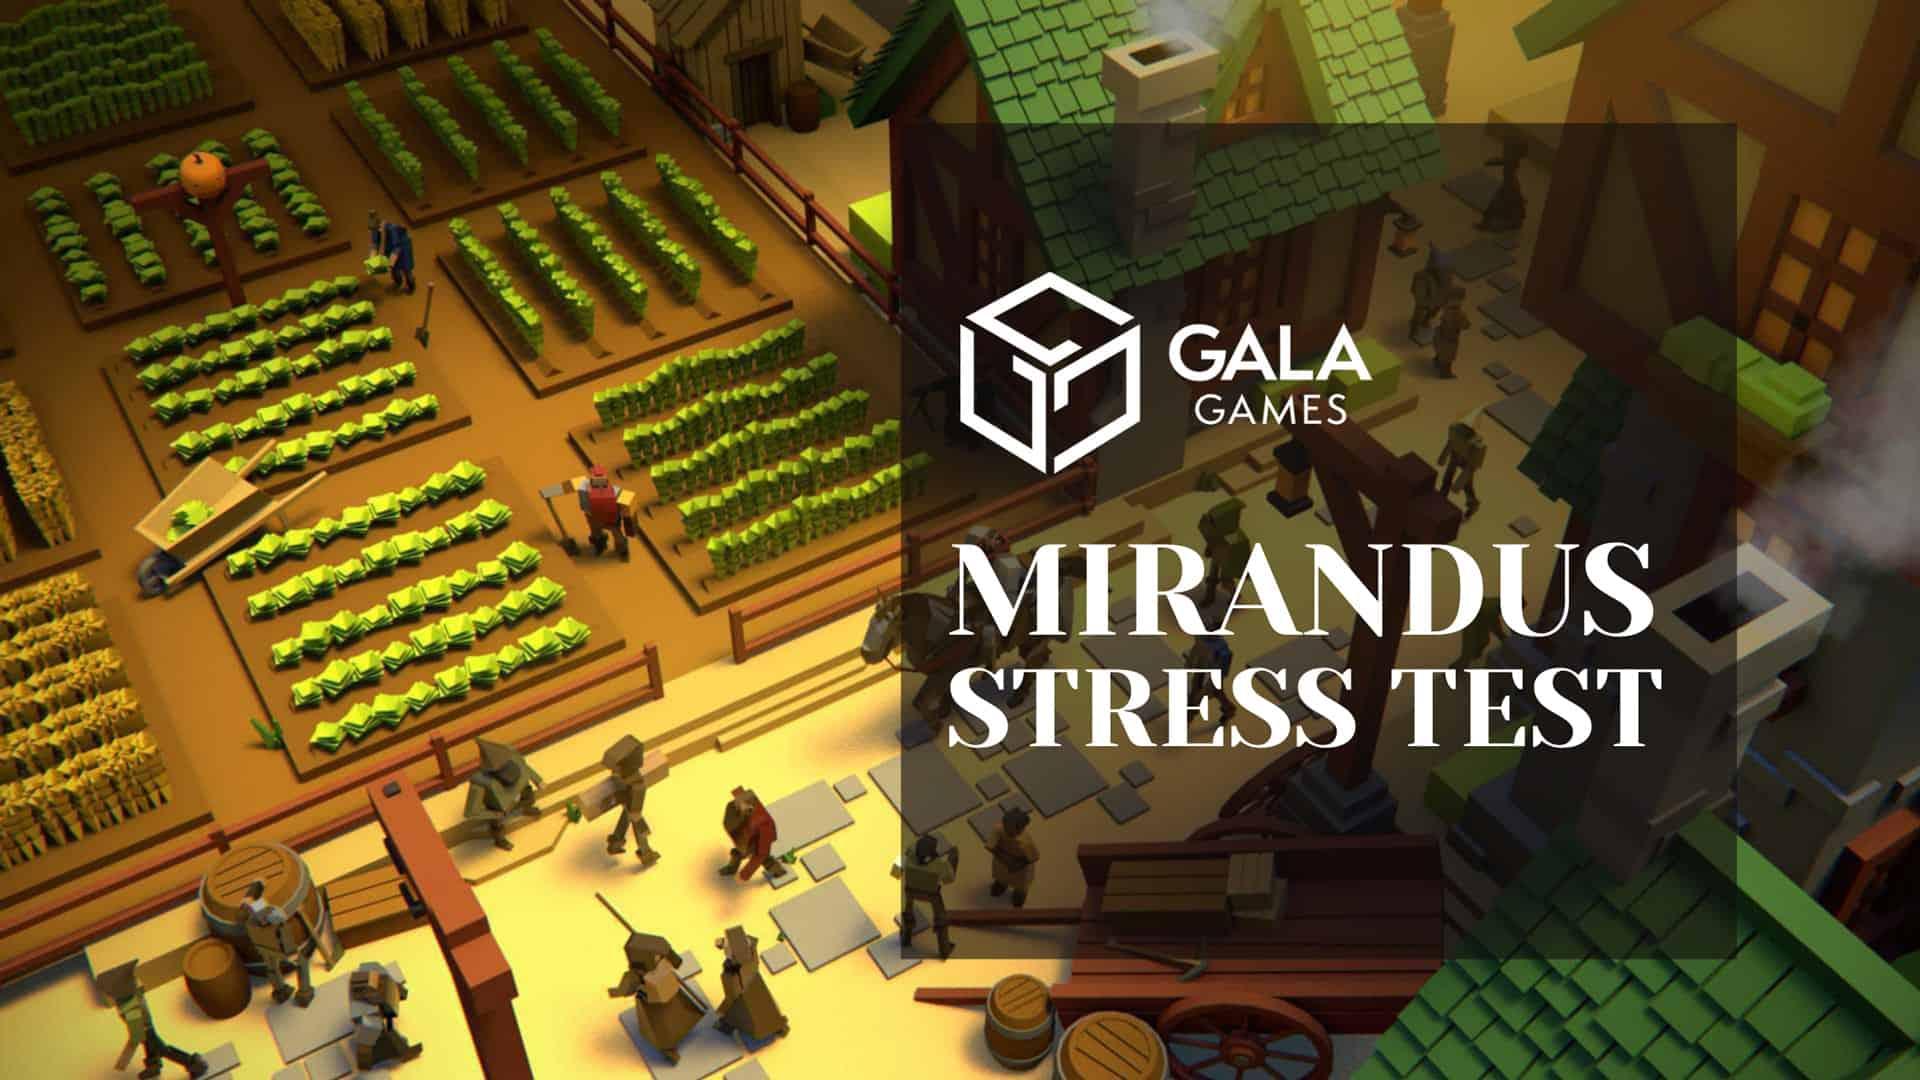 Mirandus Stress Test